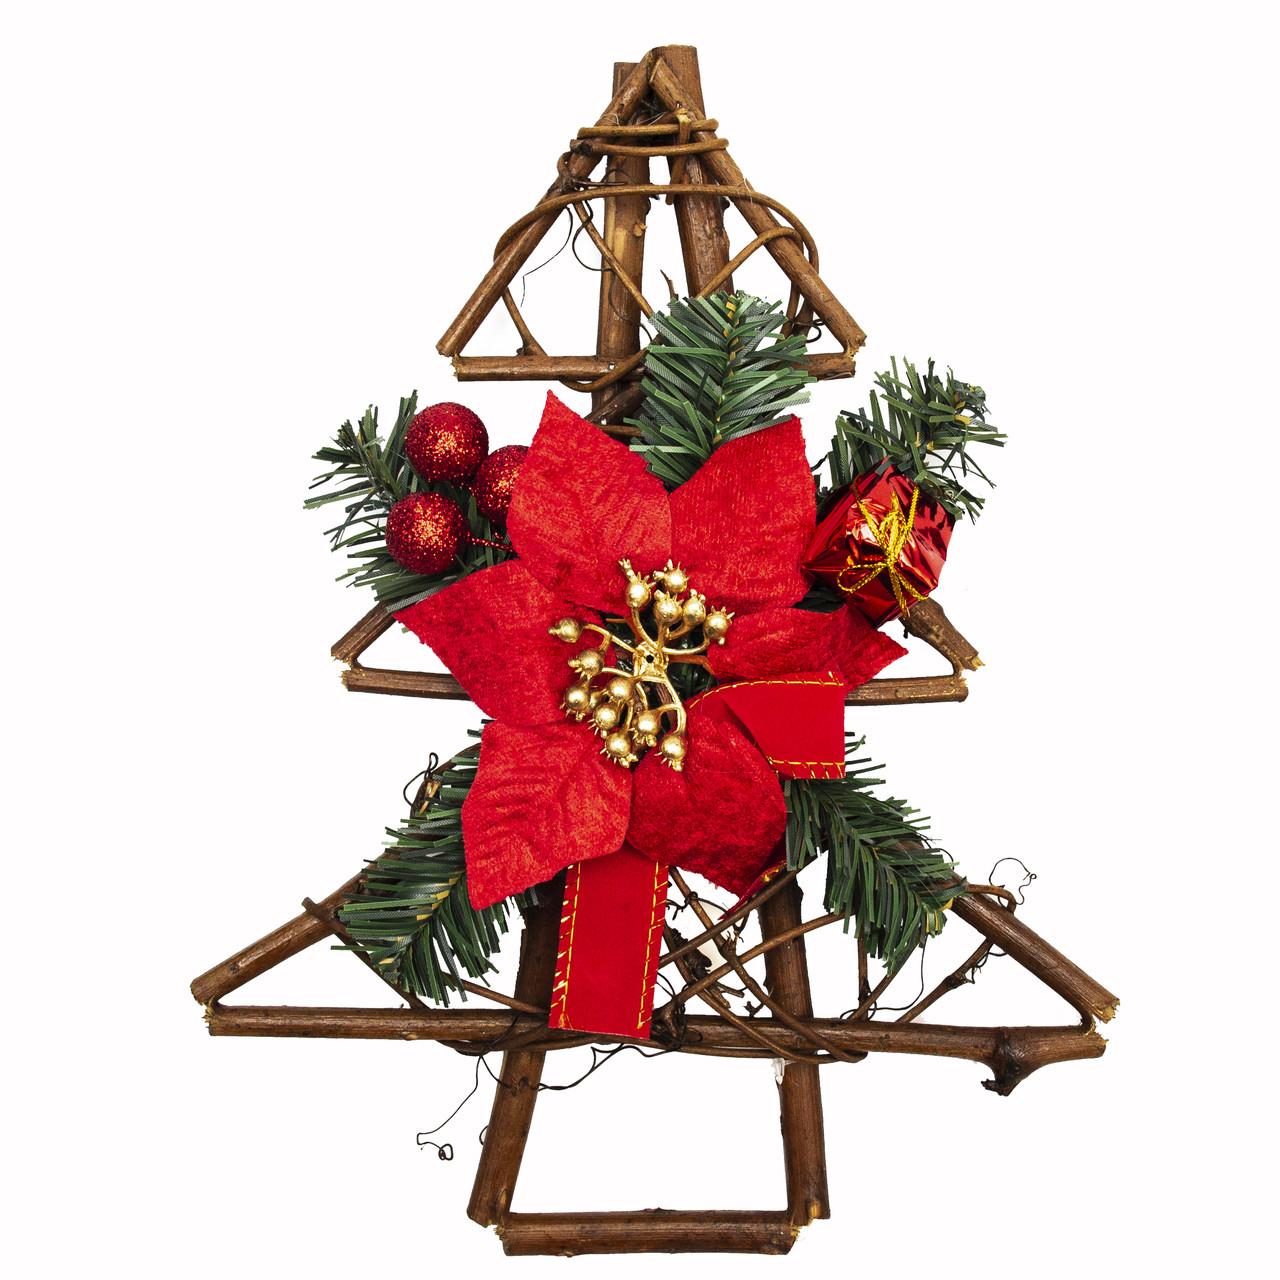 Новорічна декорація - ялинка з червоною квіткою, 30 см (930241)